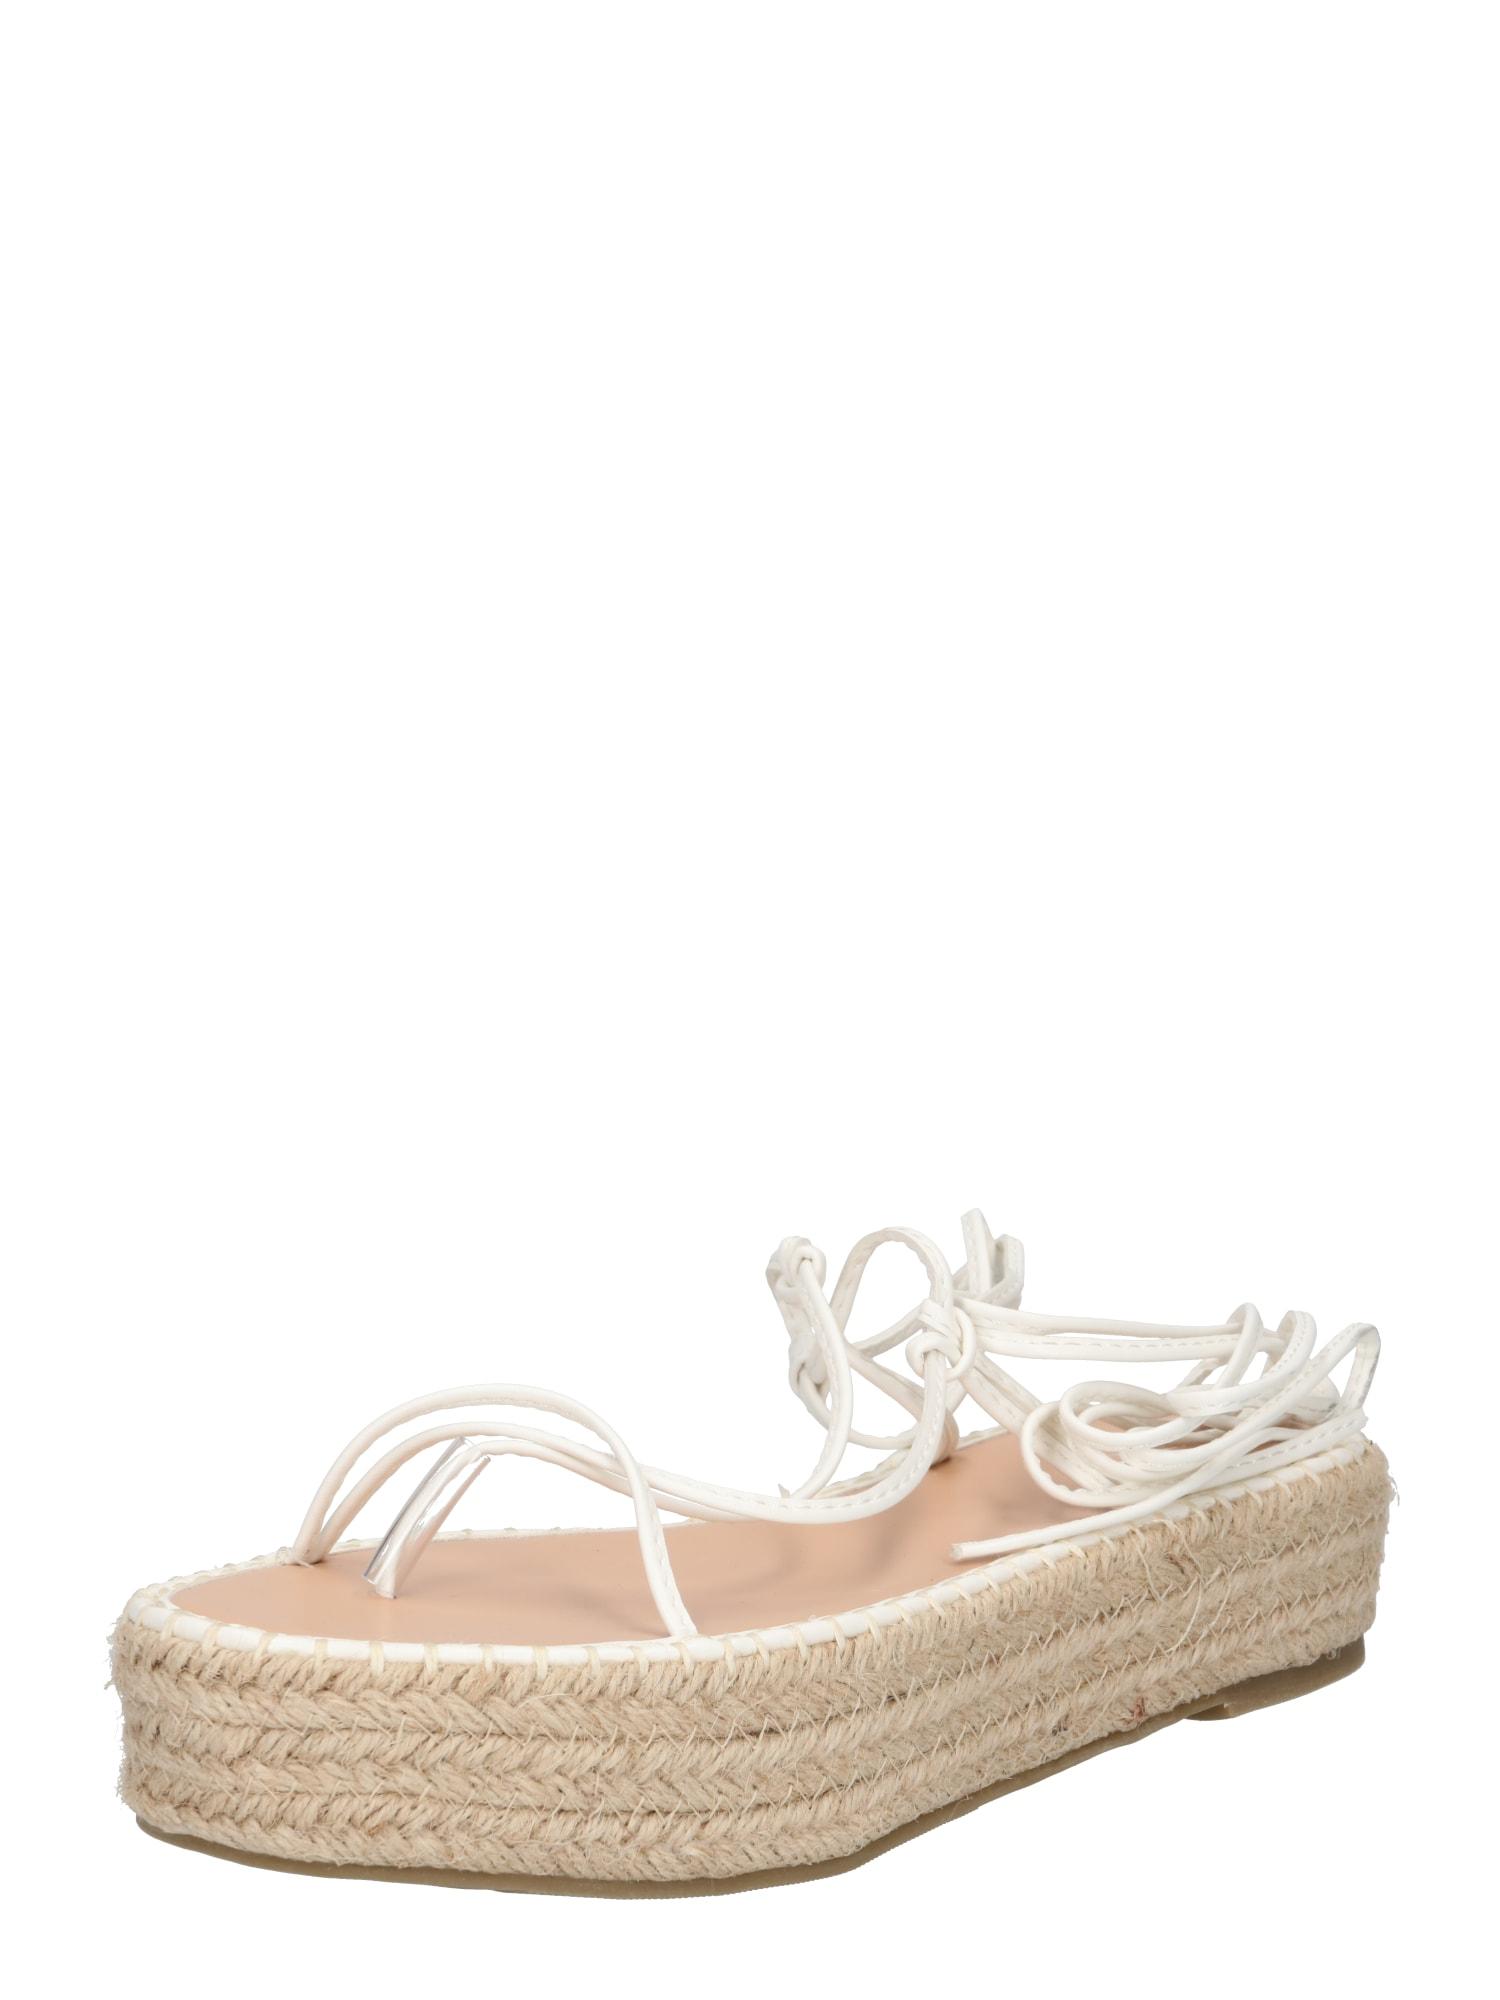 BEBO Sandály 'LARSEN'  přírodní bílá / béžová